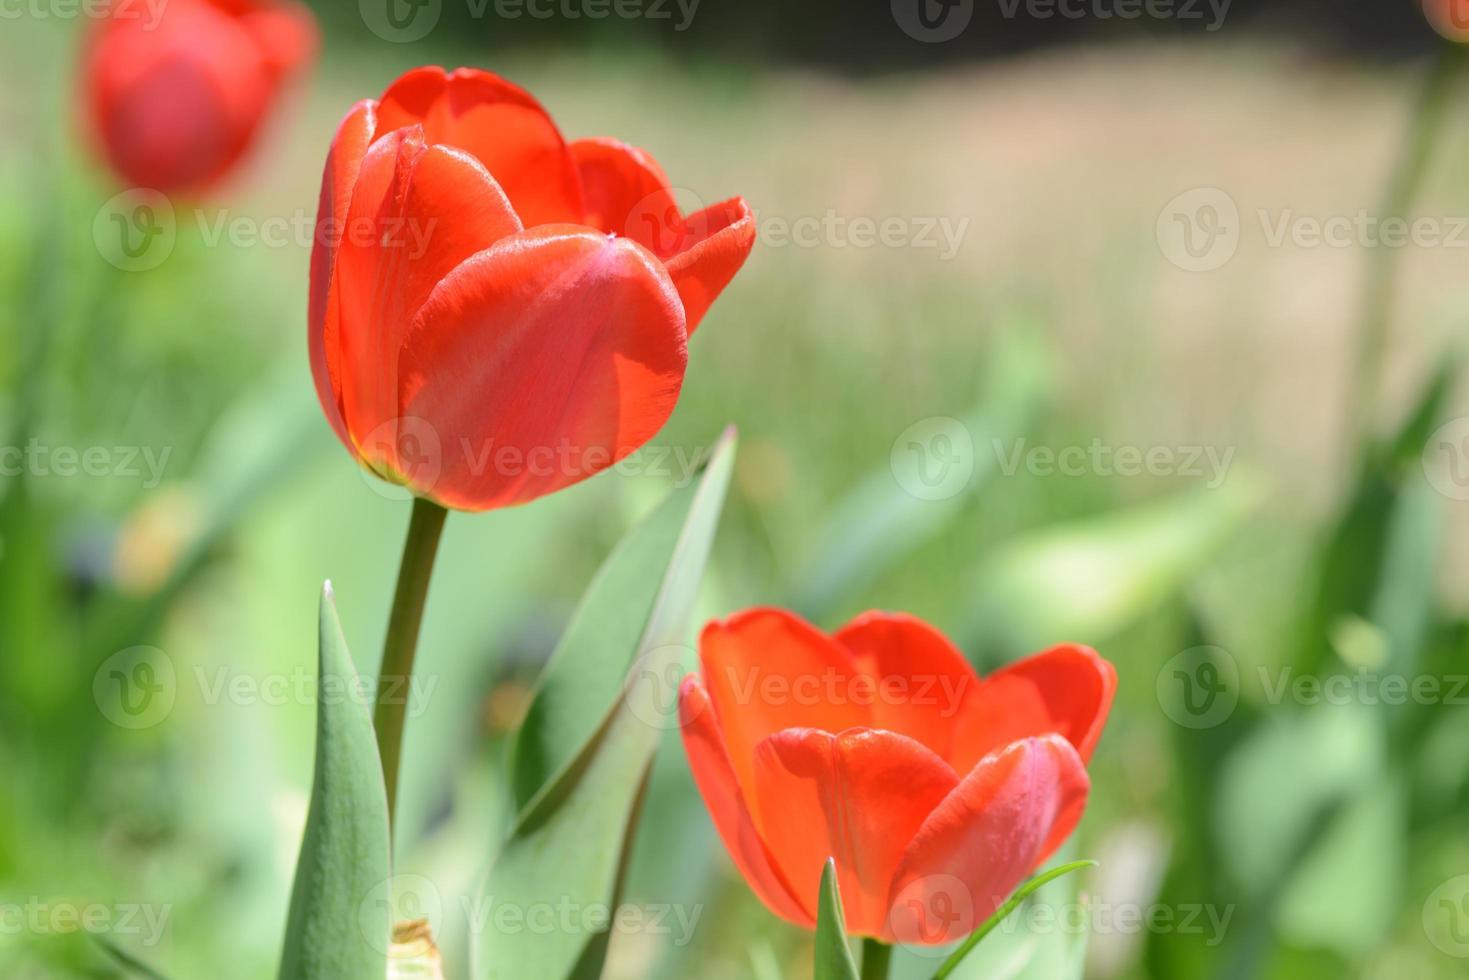 tulipes rouges trois sur les tiges. photo